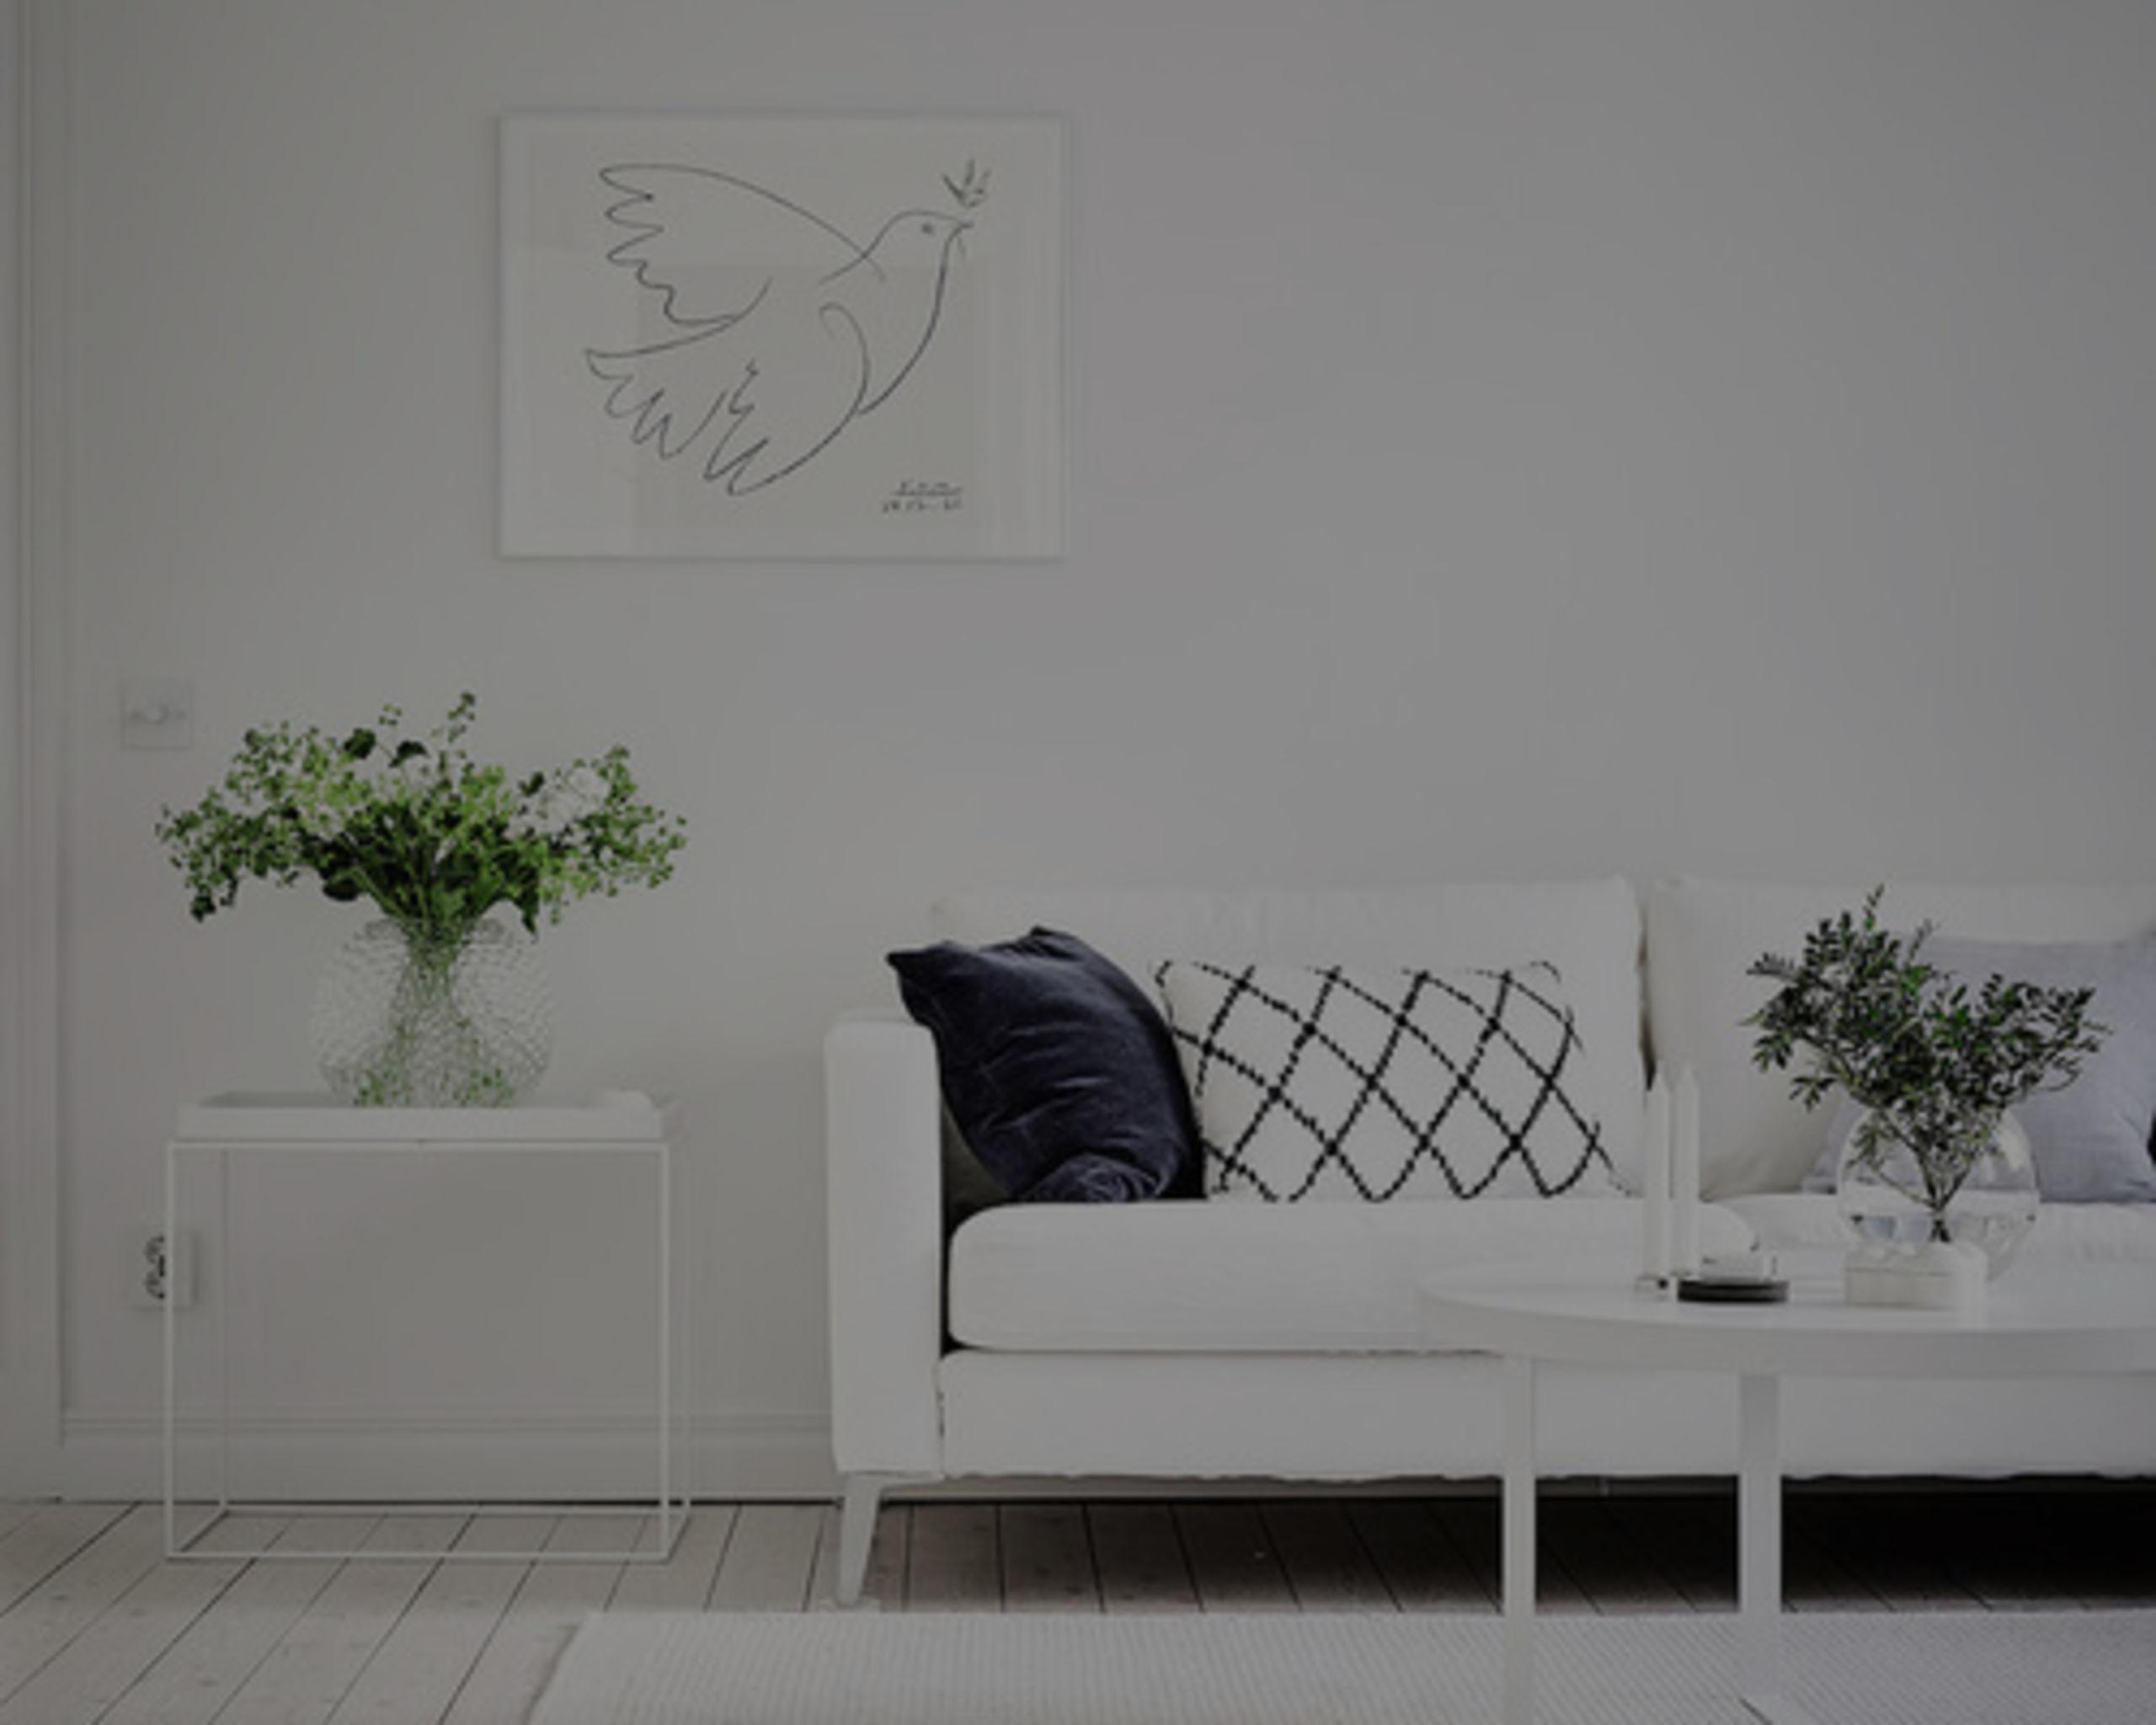 8 Home Decor Tricks to Brighten a Dark Room